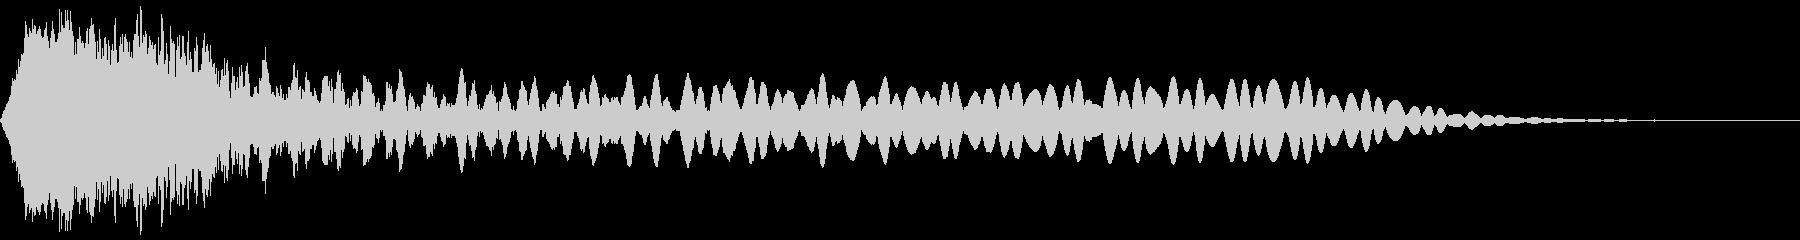 光 閃き ピキーン フラッシュ 04の未再生の波形